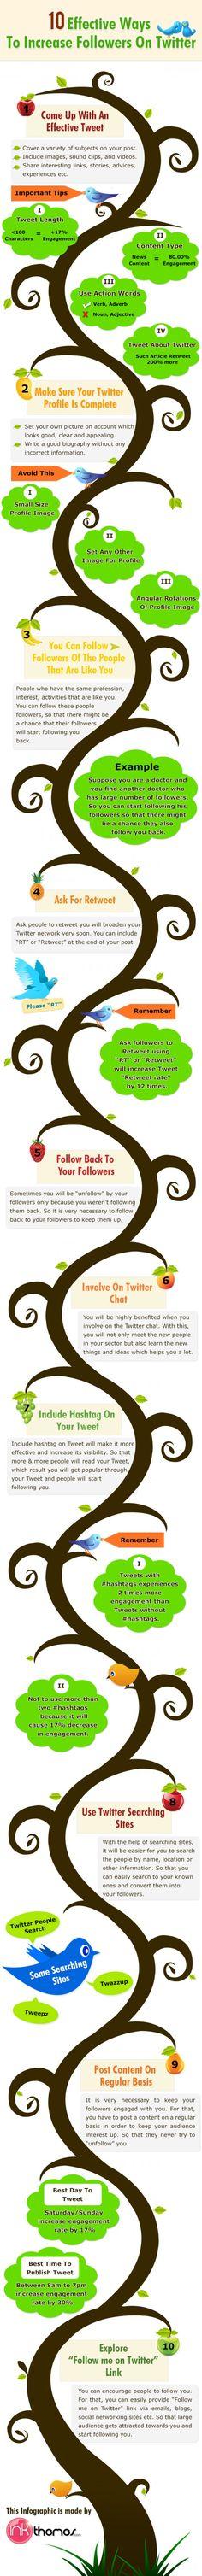 Twitter Etiquette: 10 Powerful Ways to Increase Twitter Followers #socialmedia Marketing Digital, Inbound Marketing, Marketing Trends, Social Media Marketing, Event Marketing, Content Marketing, Internet Marketing, Marketing Strategies, Online Marketing